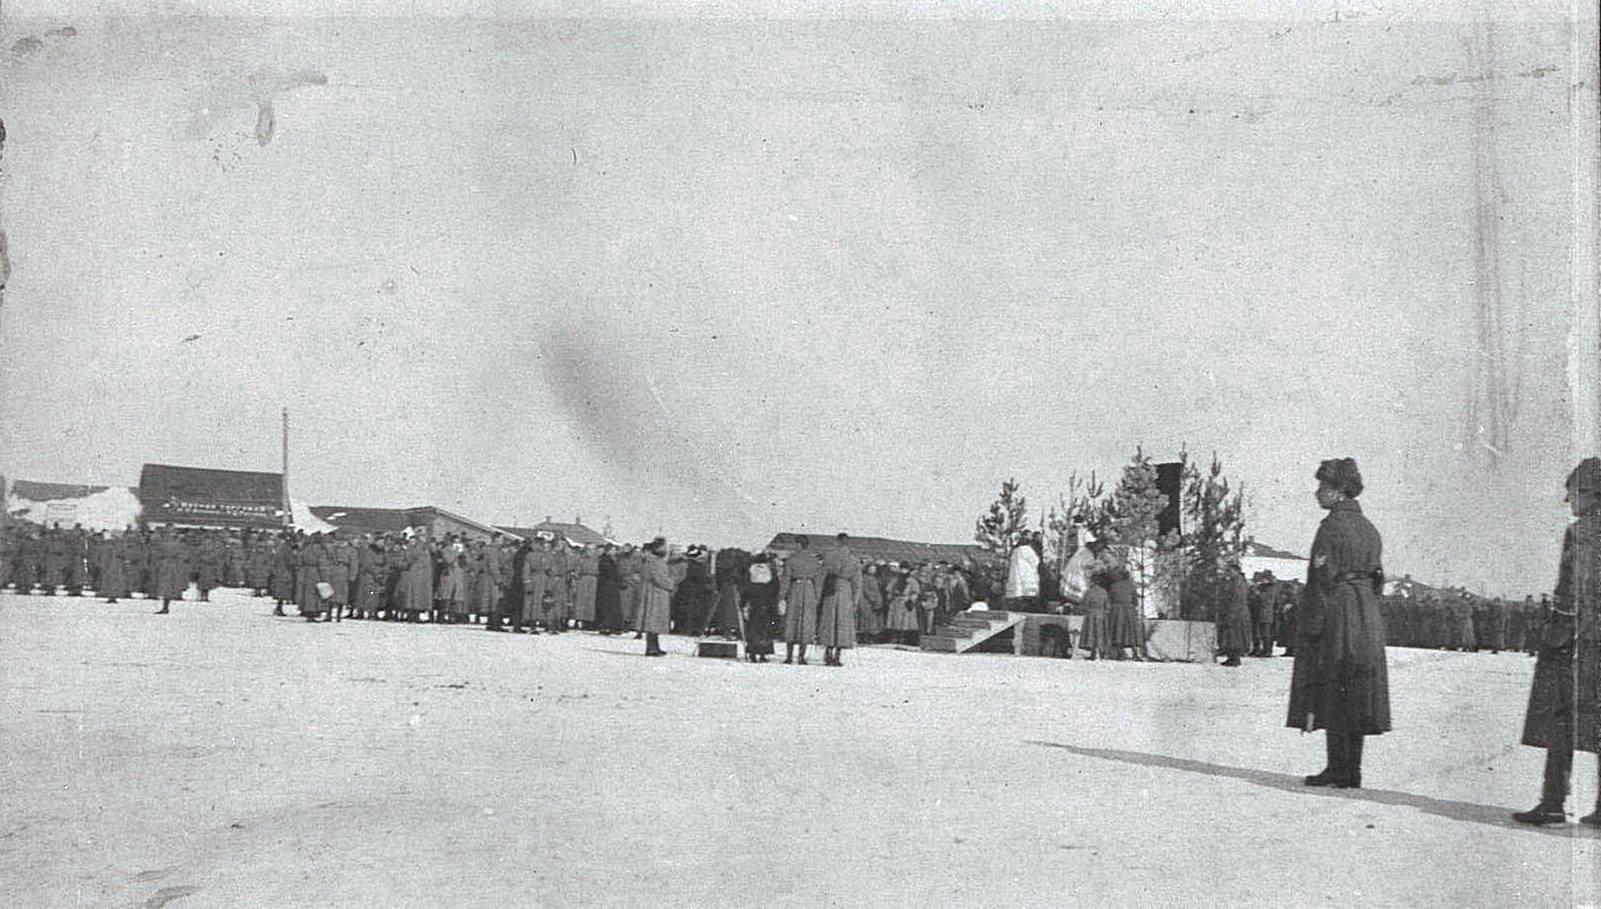 Польский парад. Католическое богослужение. Ново-Николаевск. 1919